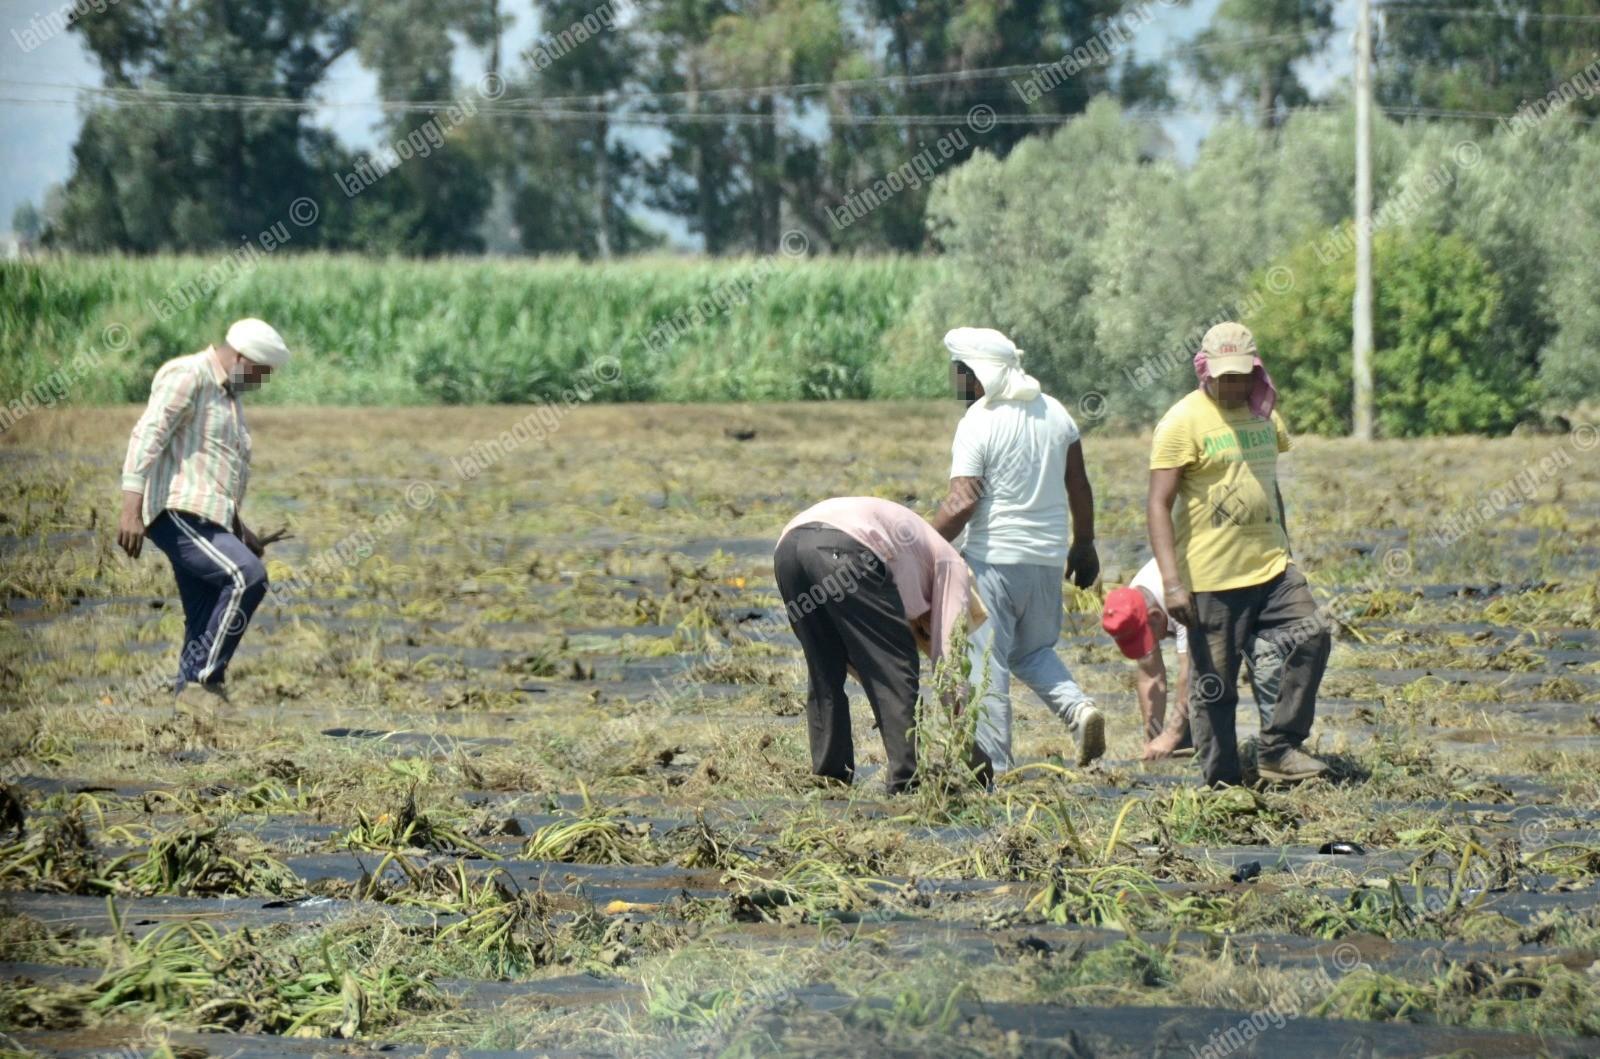 Contrasto al caporalato, controlli in un'azienda agricola di Borgo Faiti - latinaoggi.eu